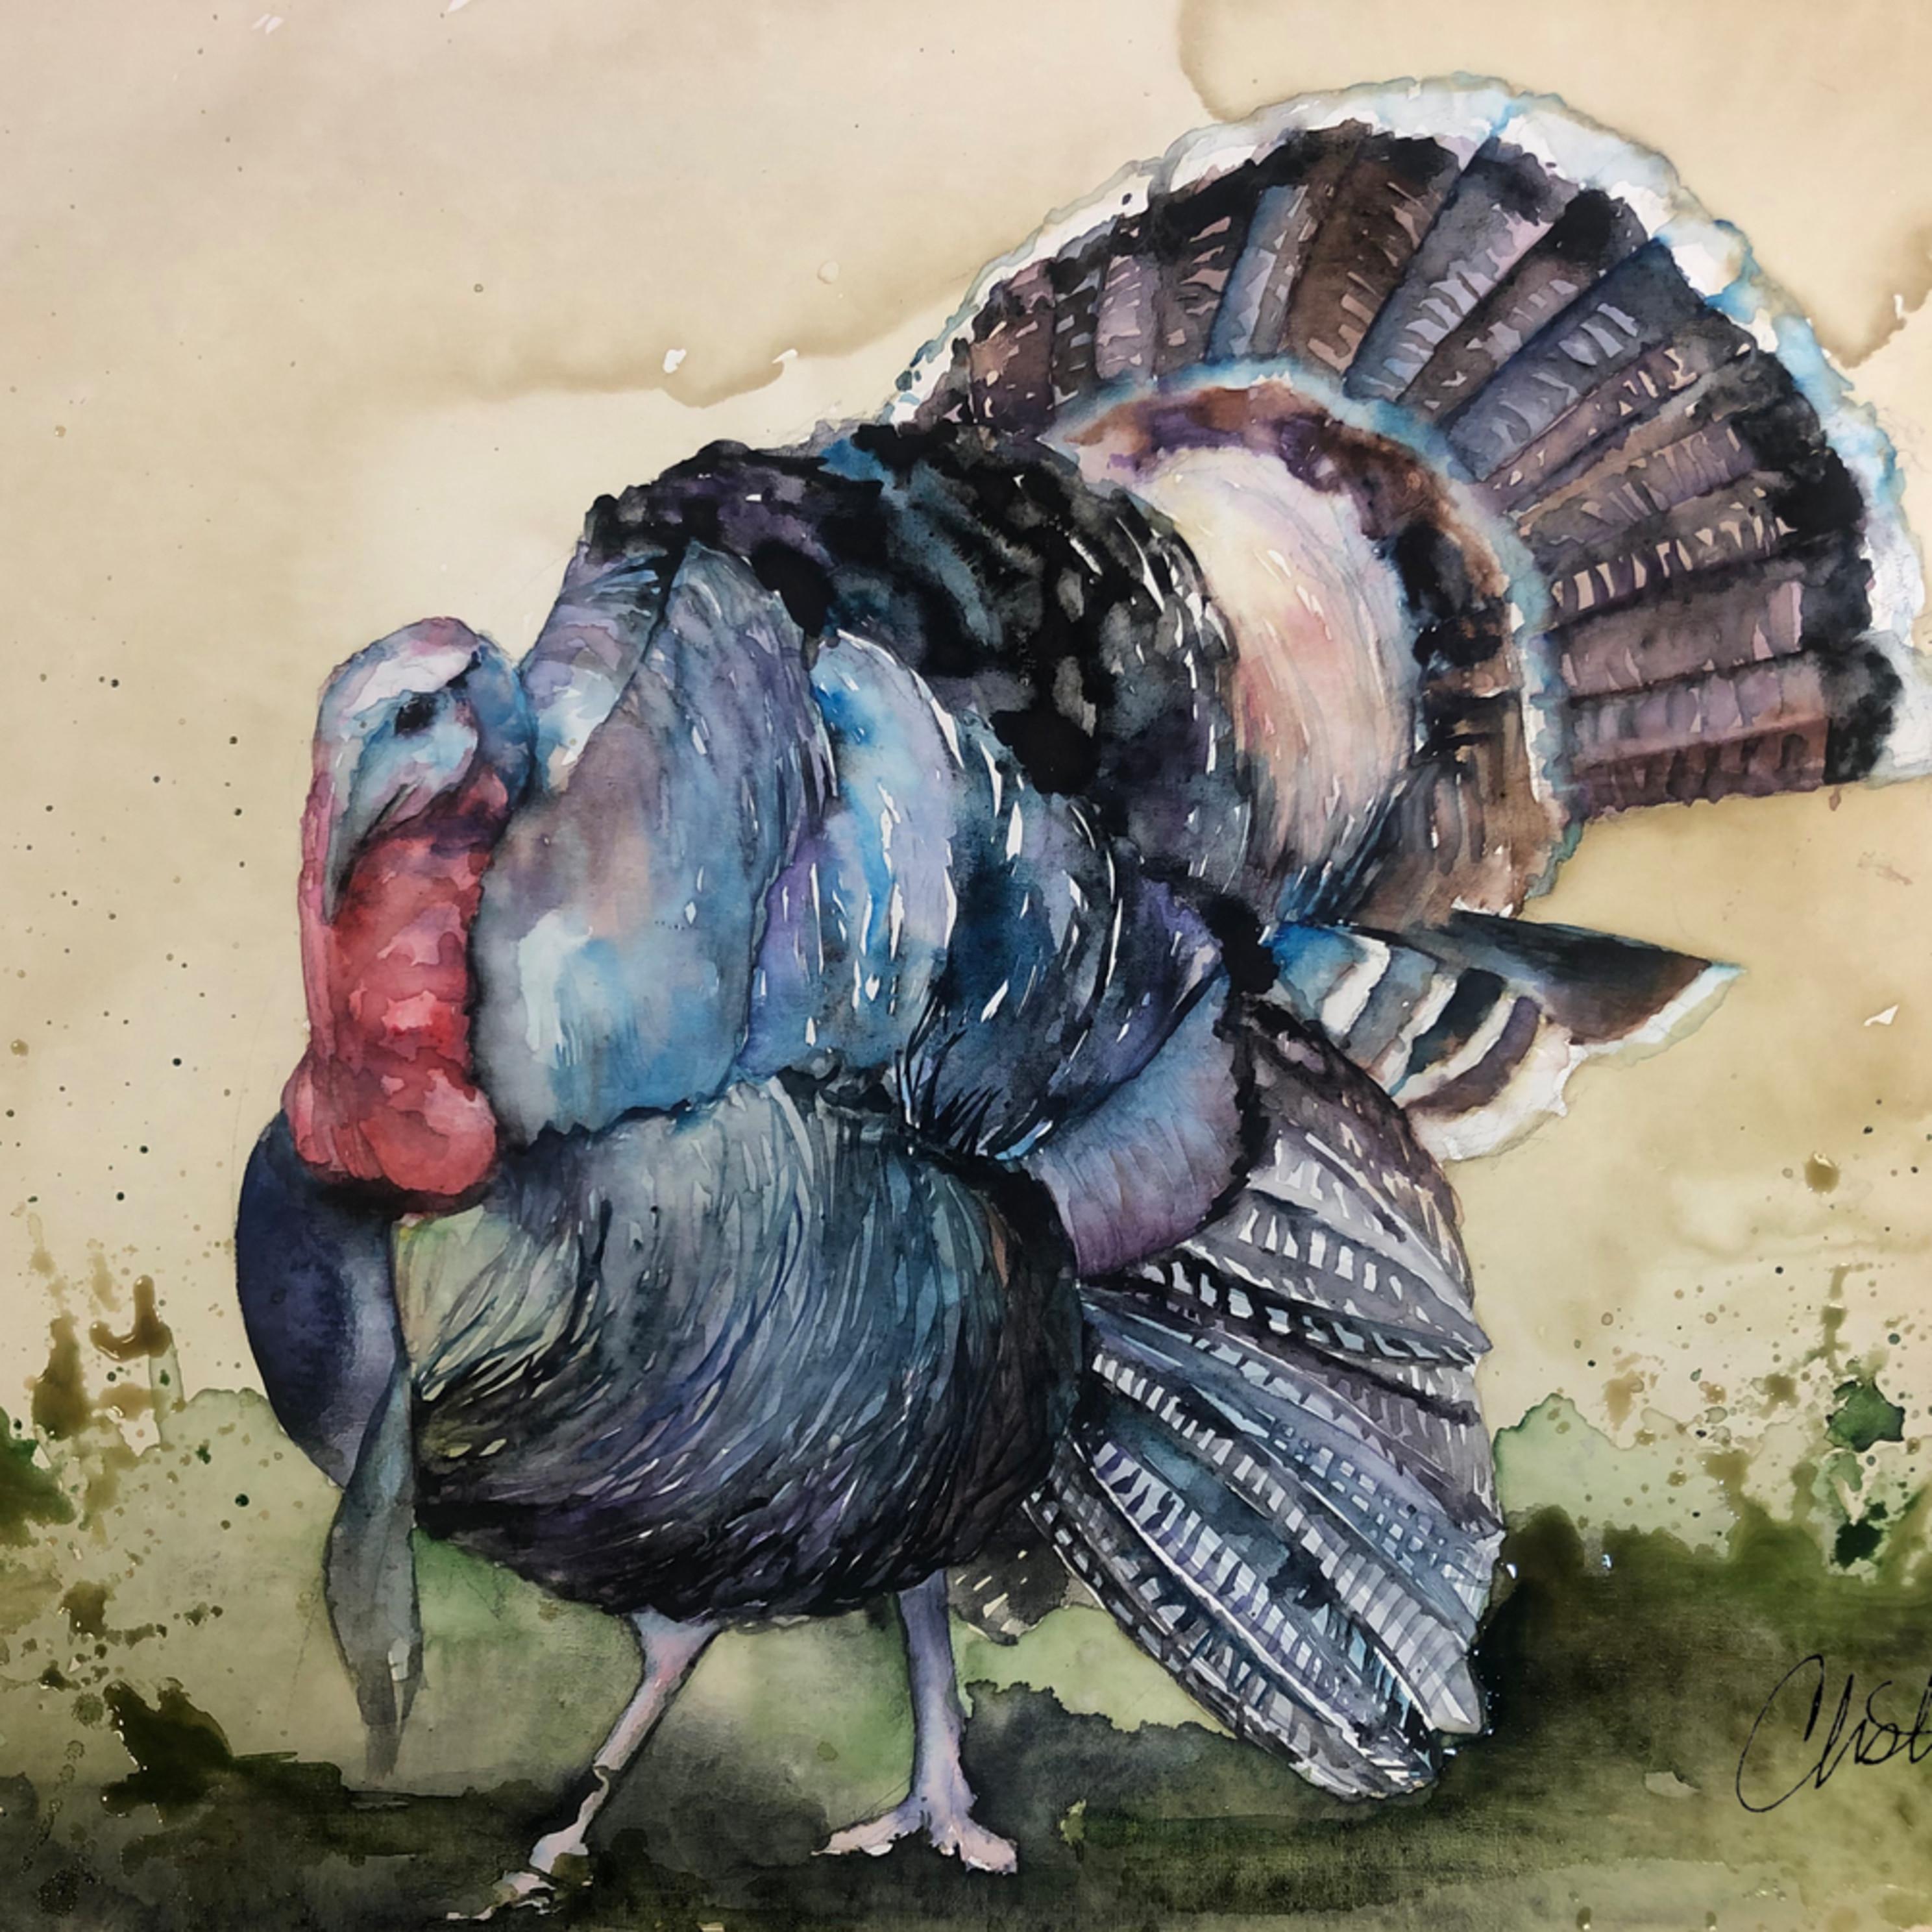 Turkey signed dp5fym